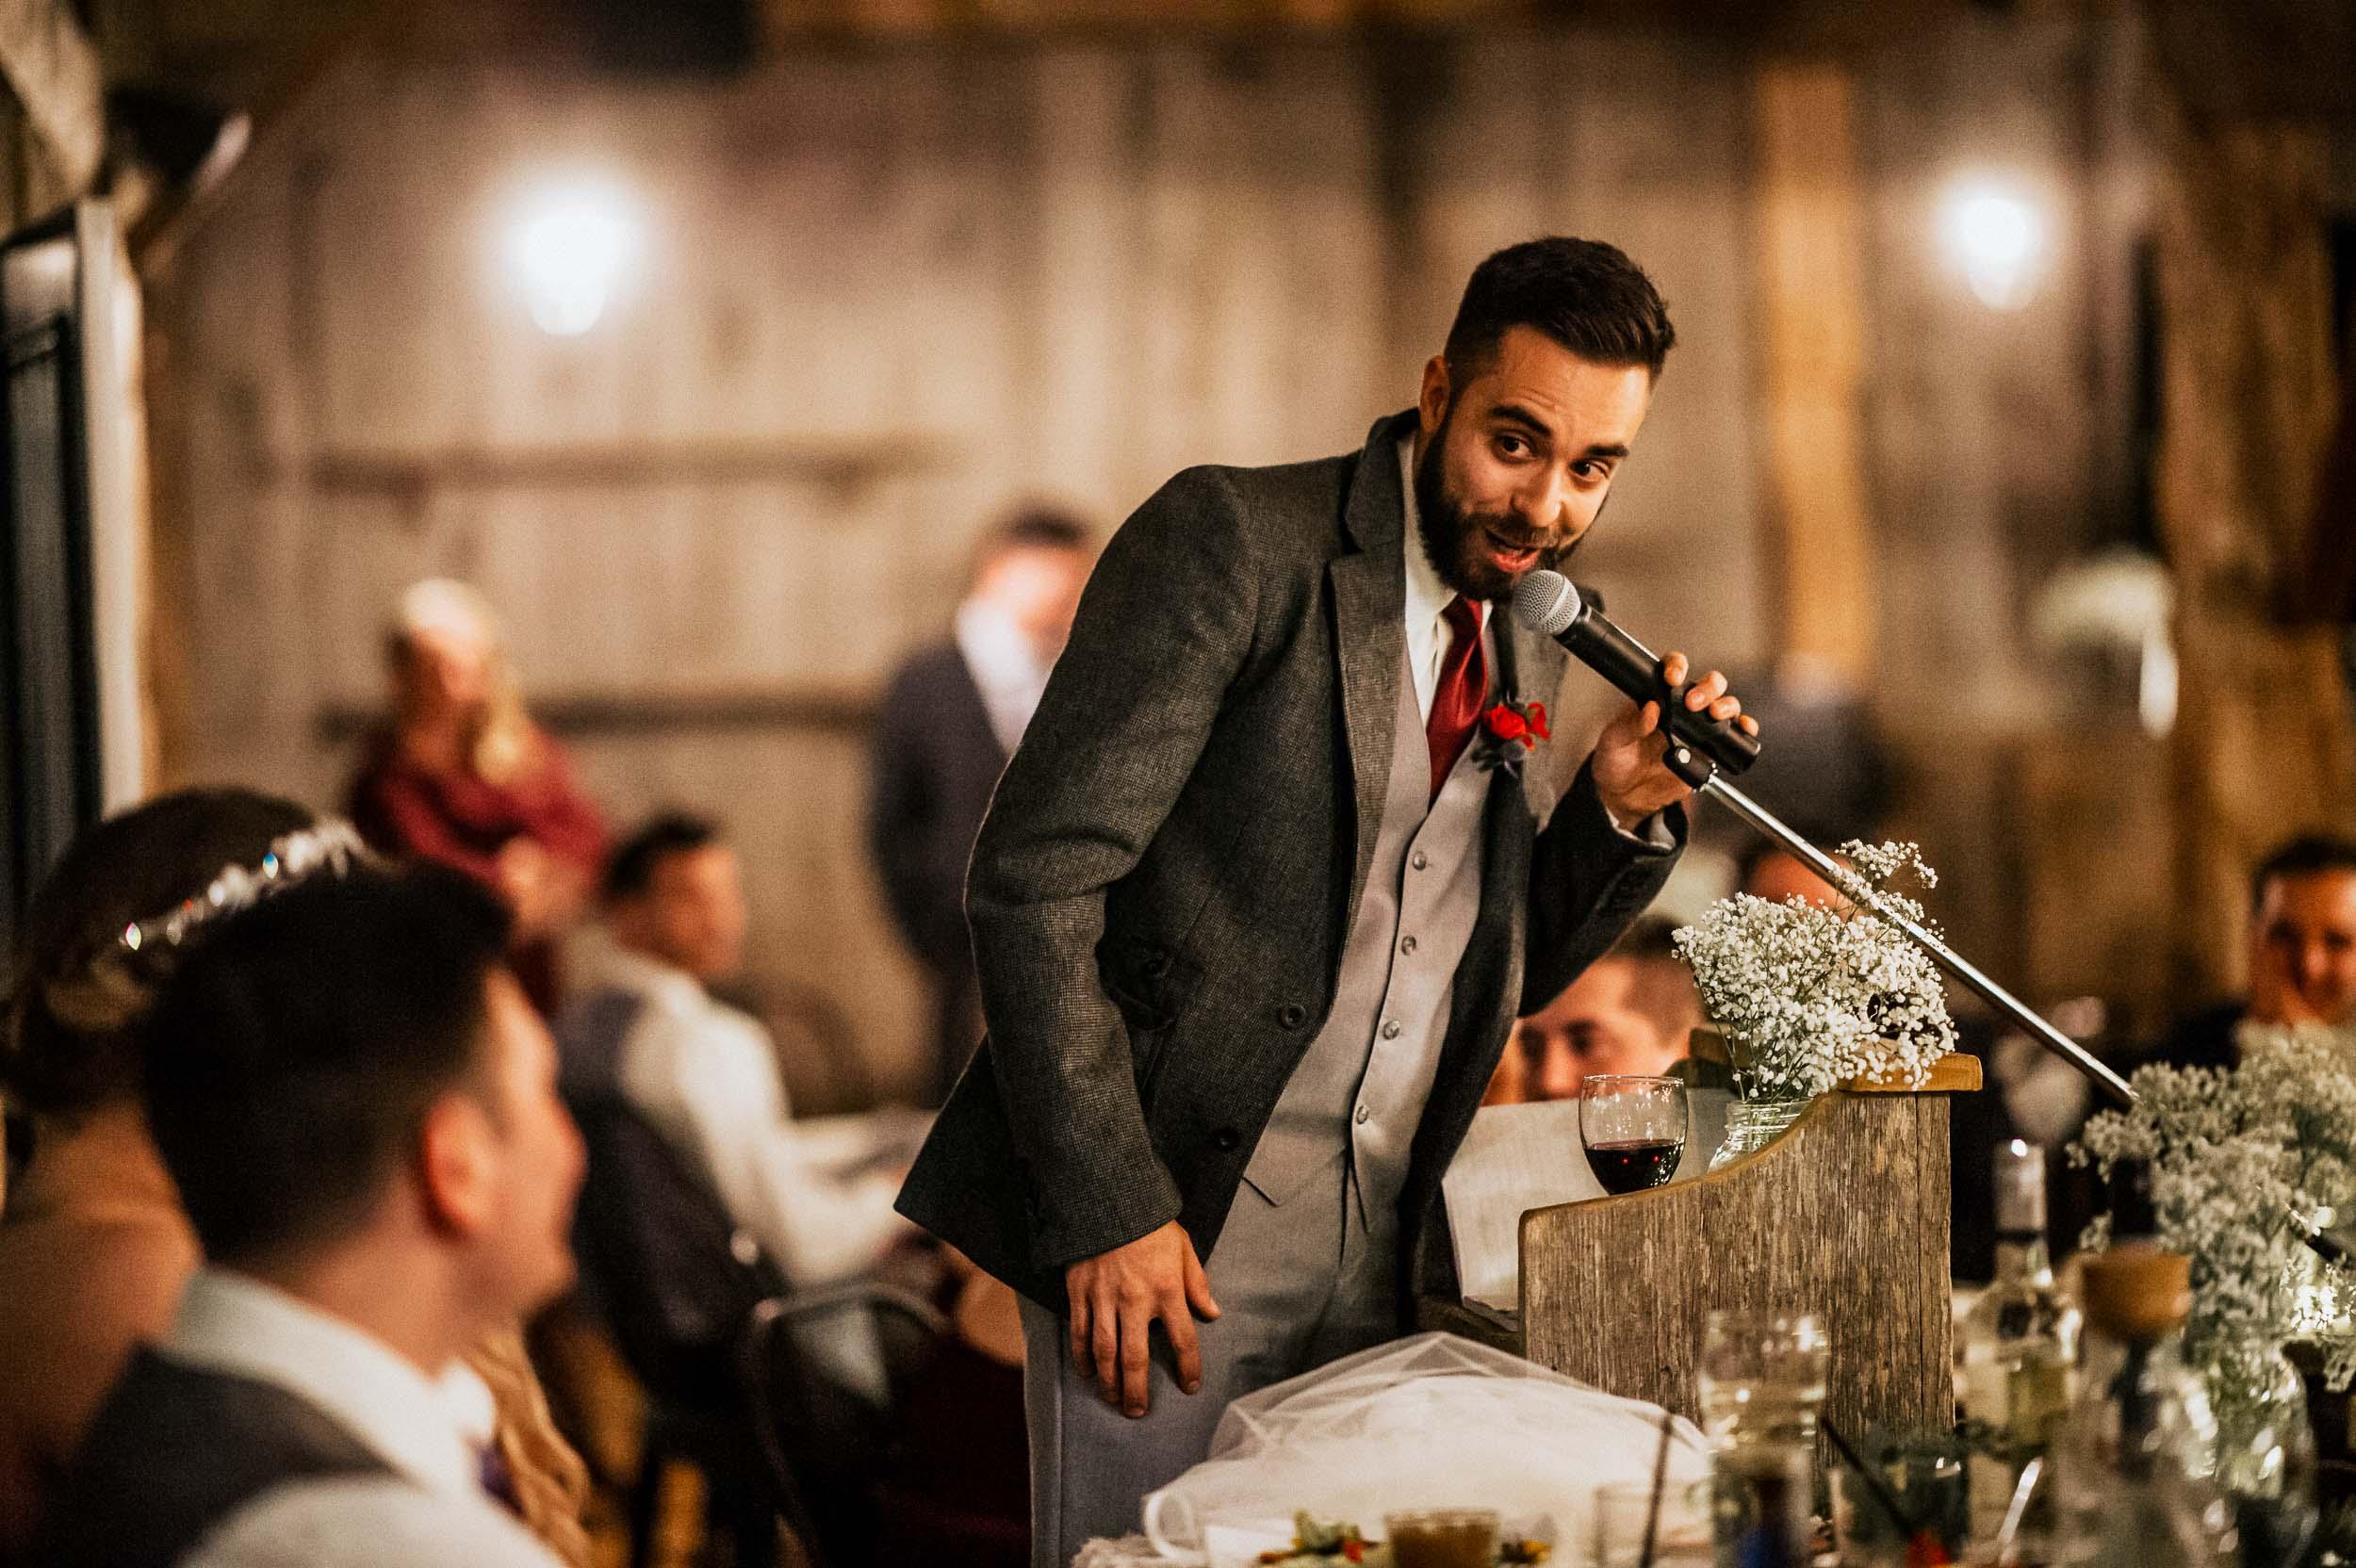 wedding-photography-stratford-davidiam-130.jpg